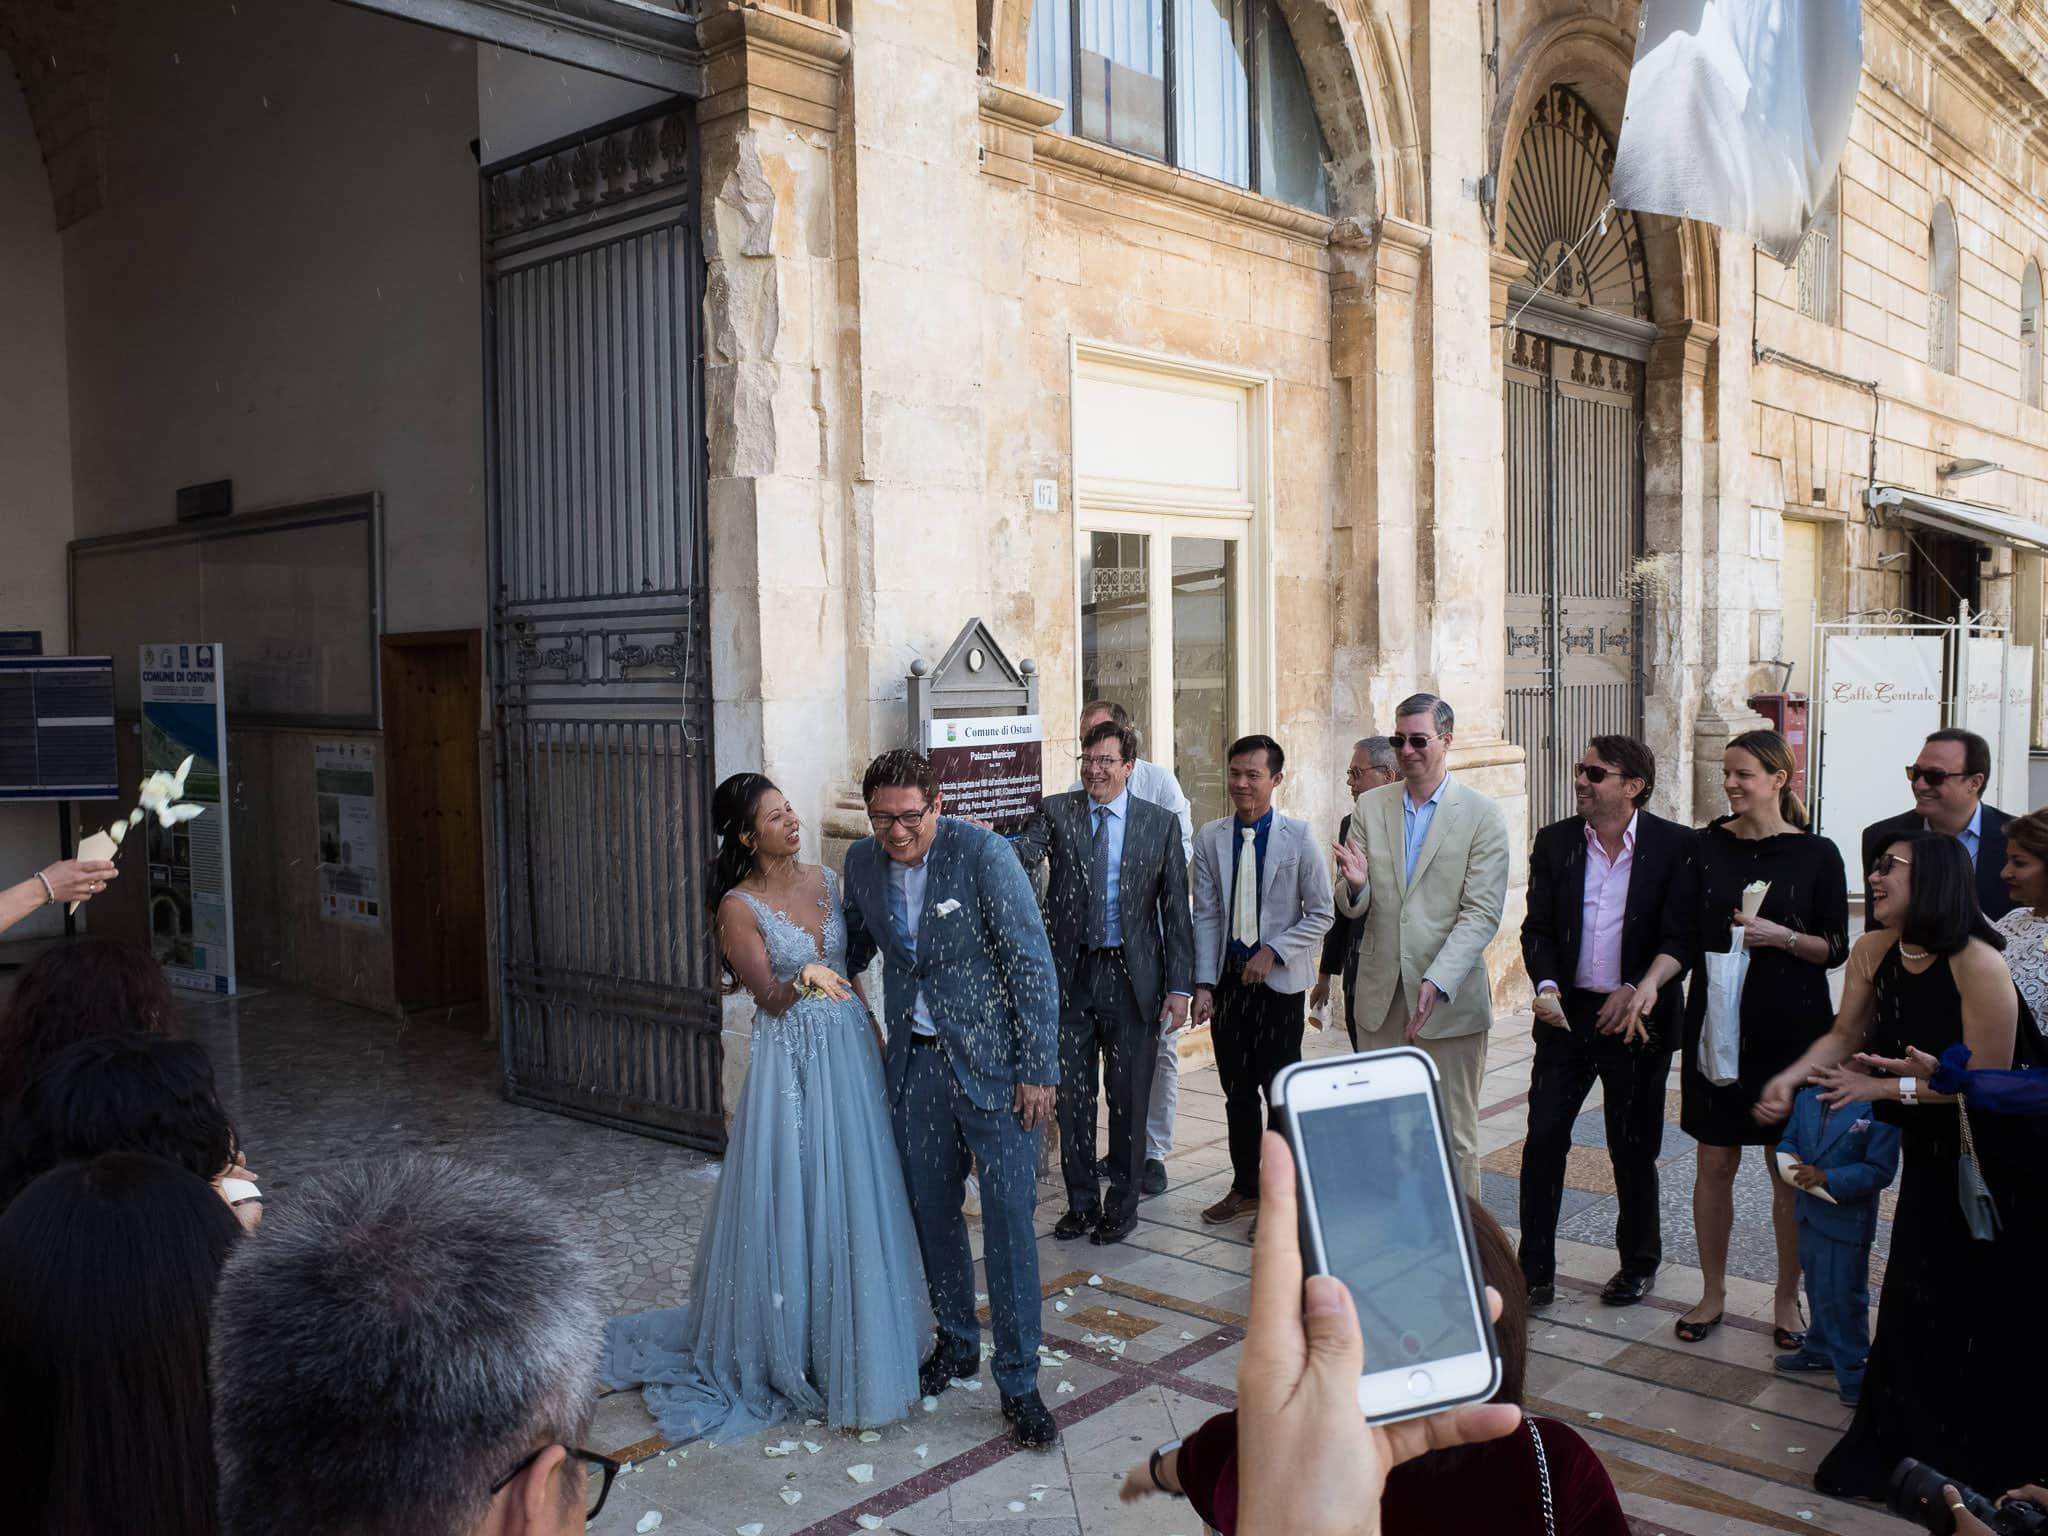 luca rossi fotografo recensione ricoh GR matrimoni00040